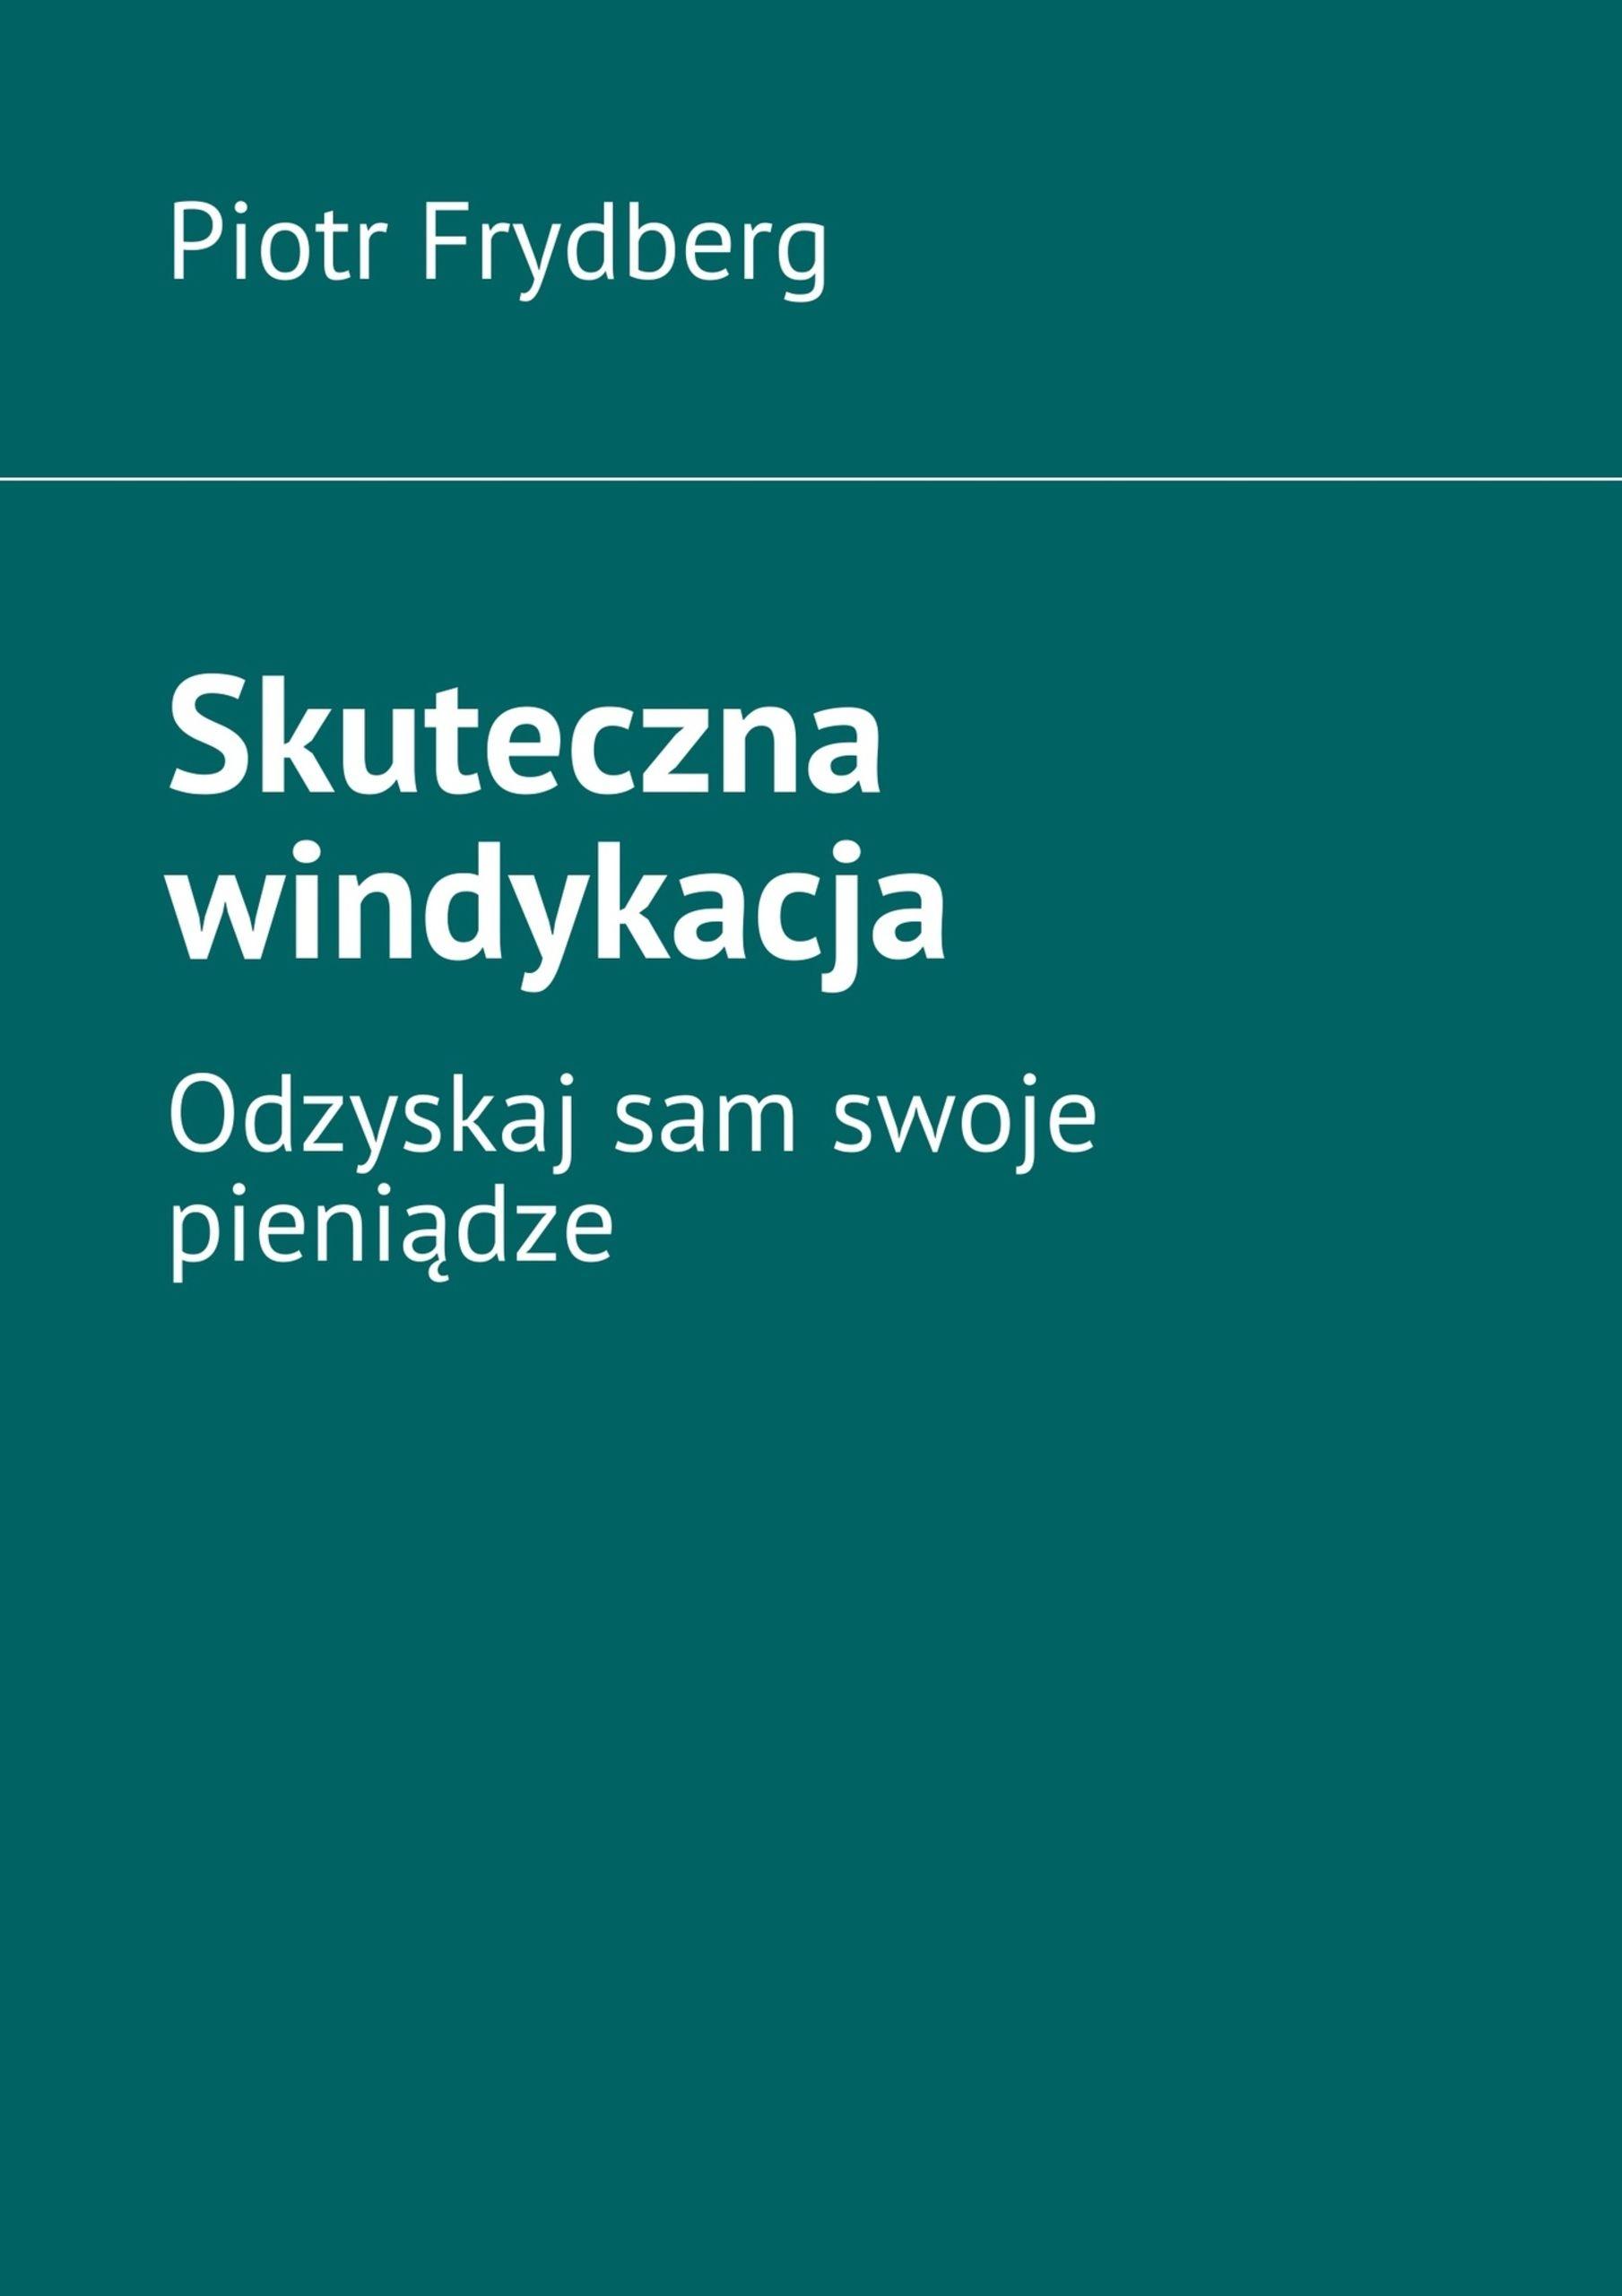 Skuteczna windykacja Piotr Frydberg